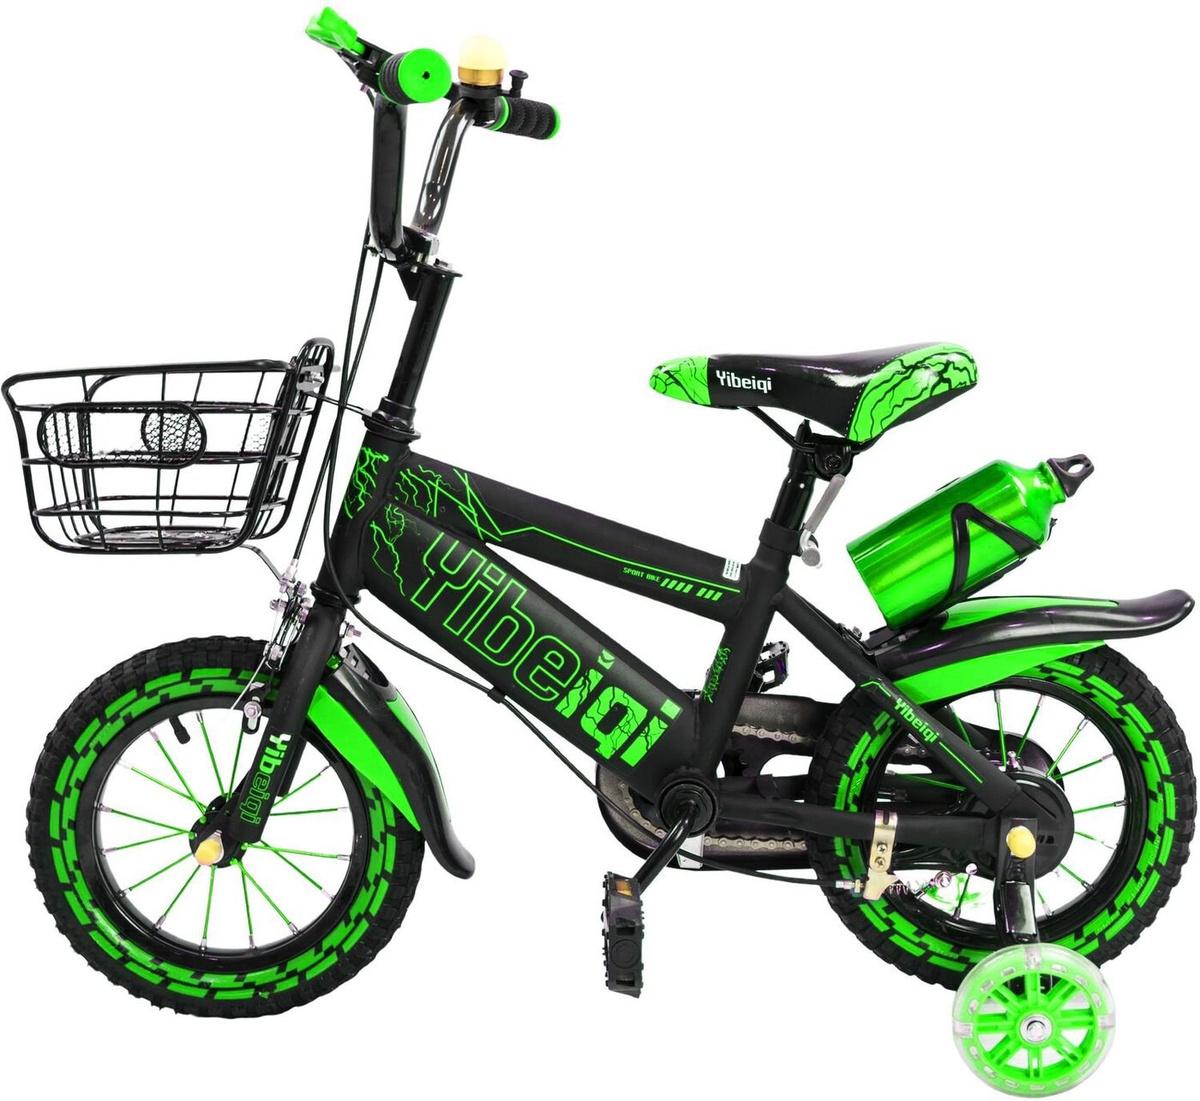 Детский велосипед Yibeigi V-12 зеленый #1